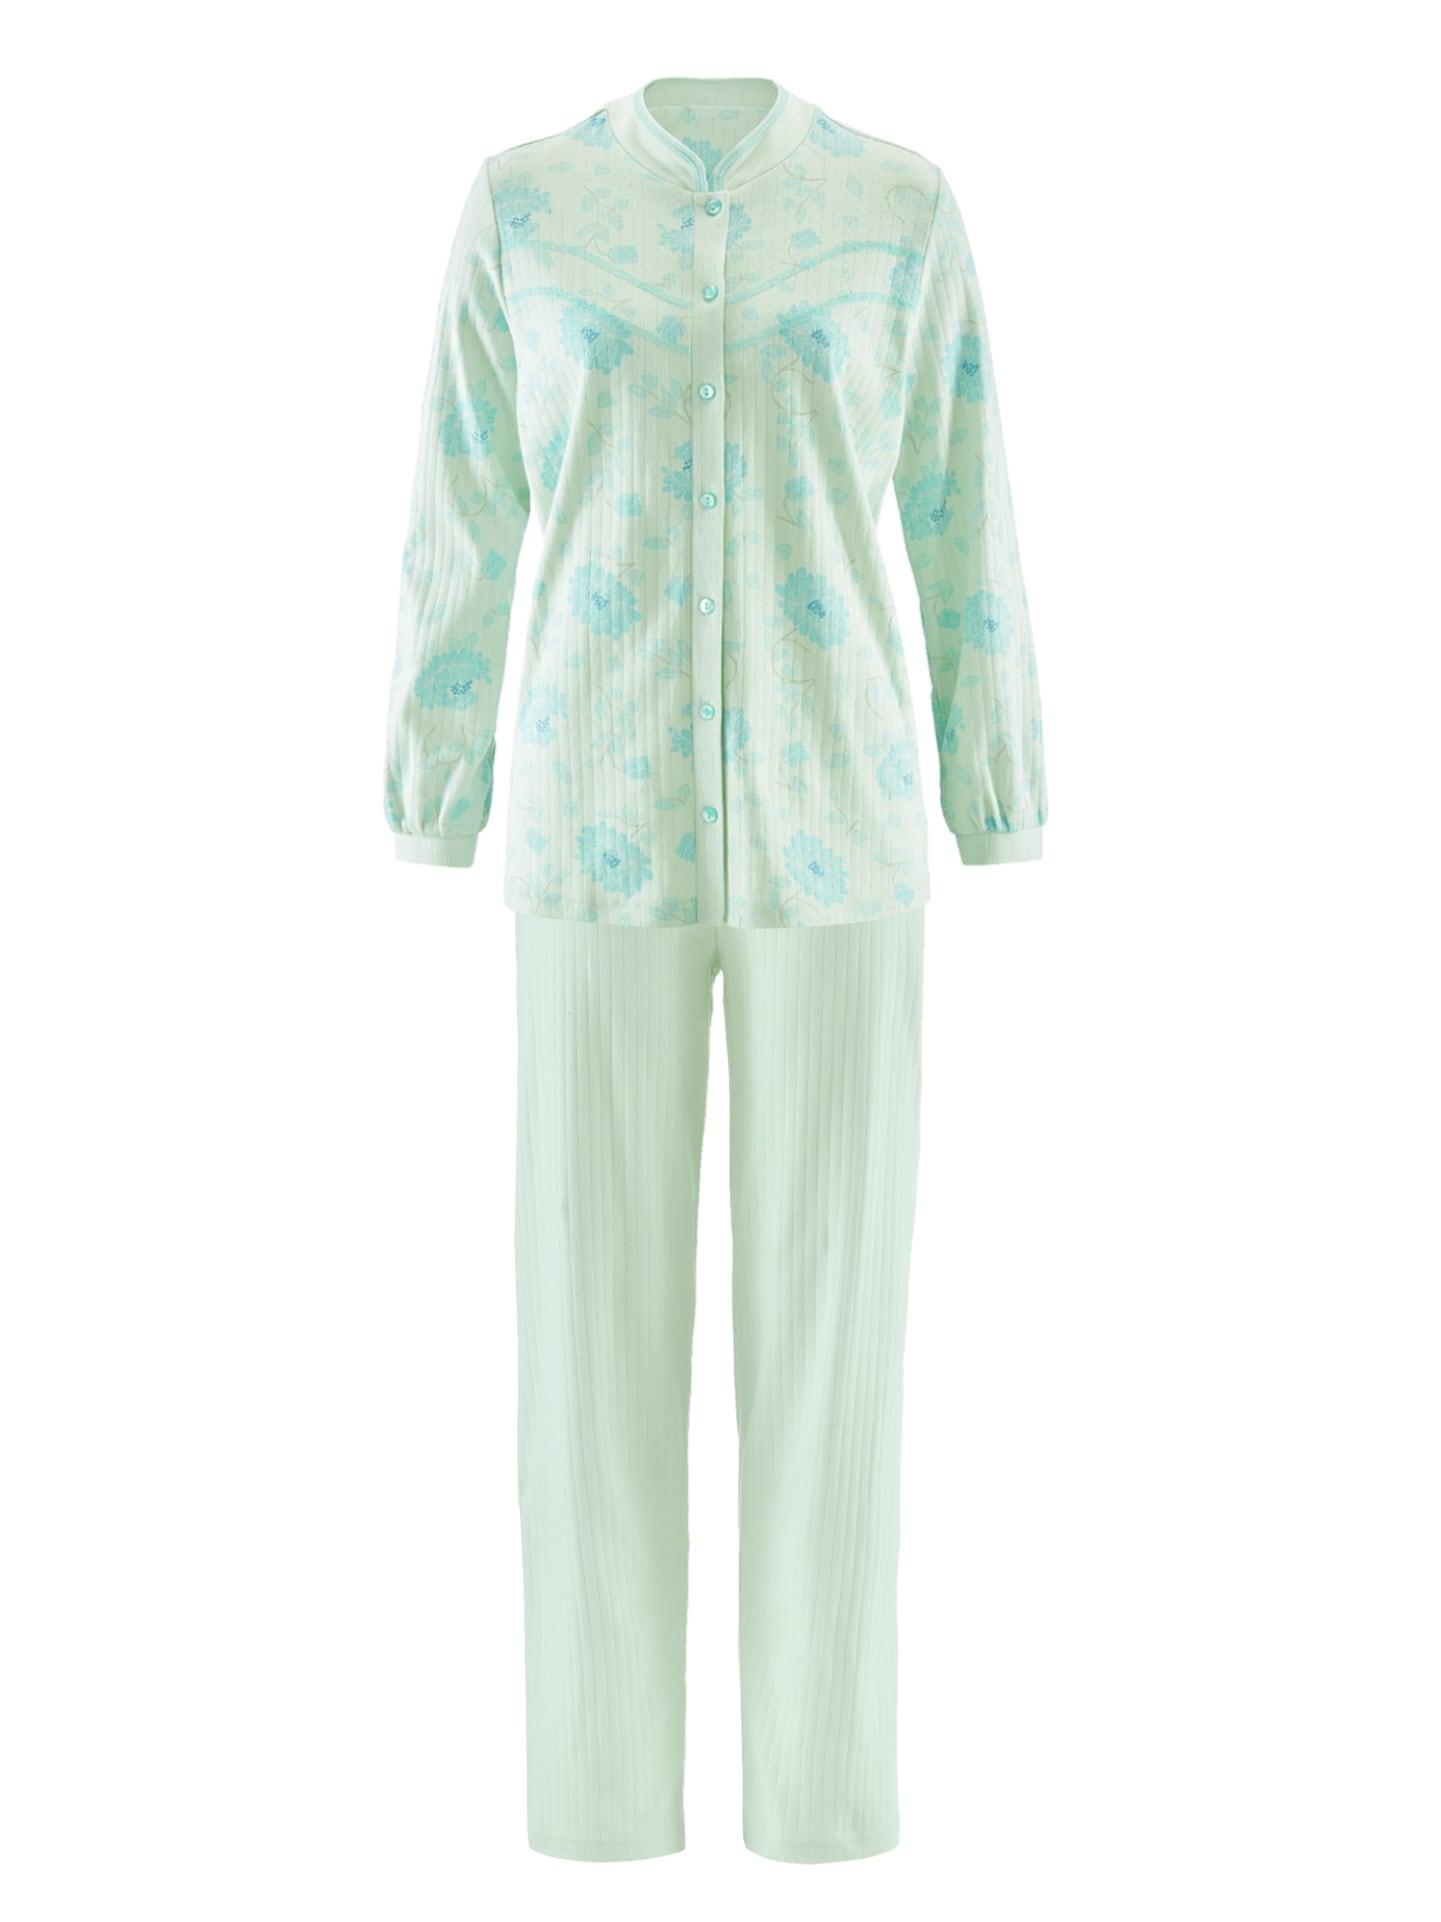 Avena Damen Pyjama Grün geblümt 42-6487-9_MV8880